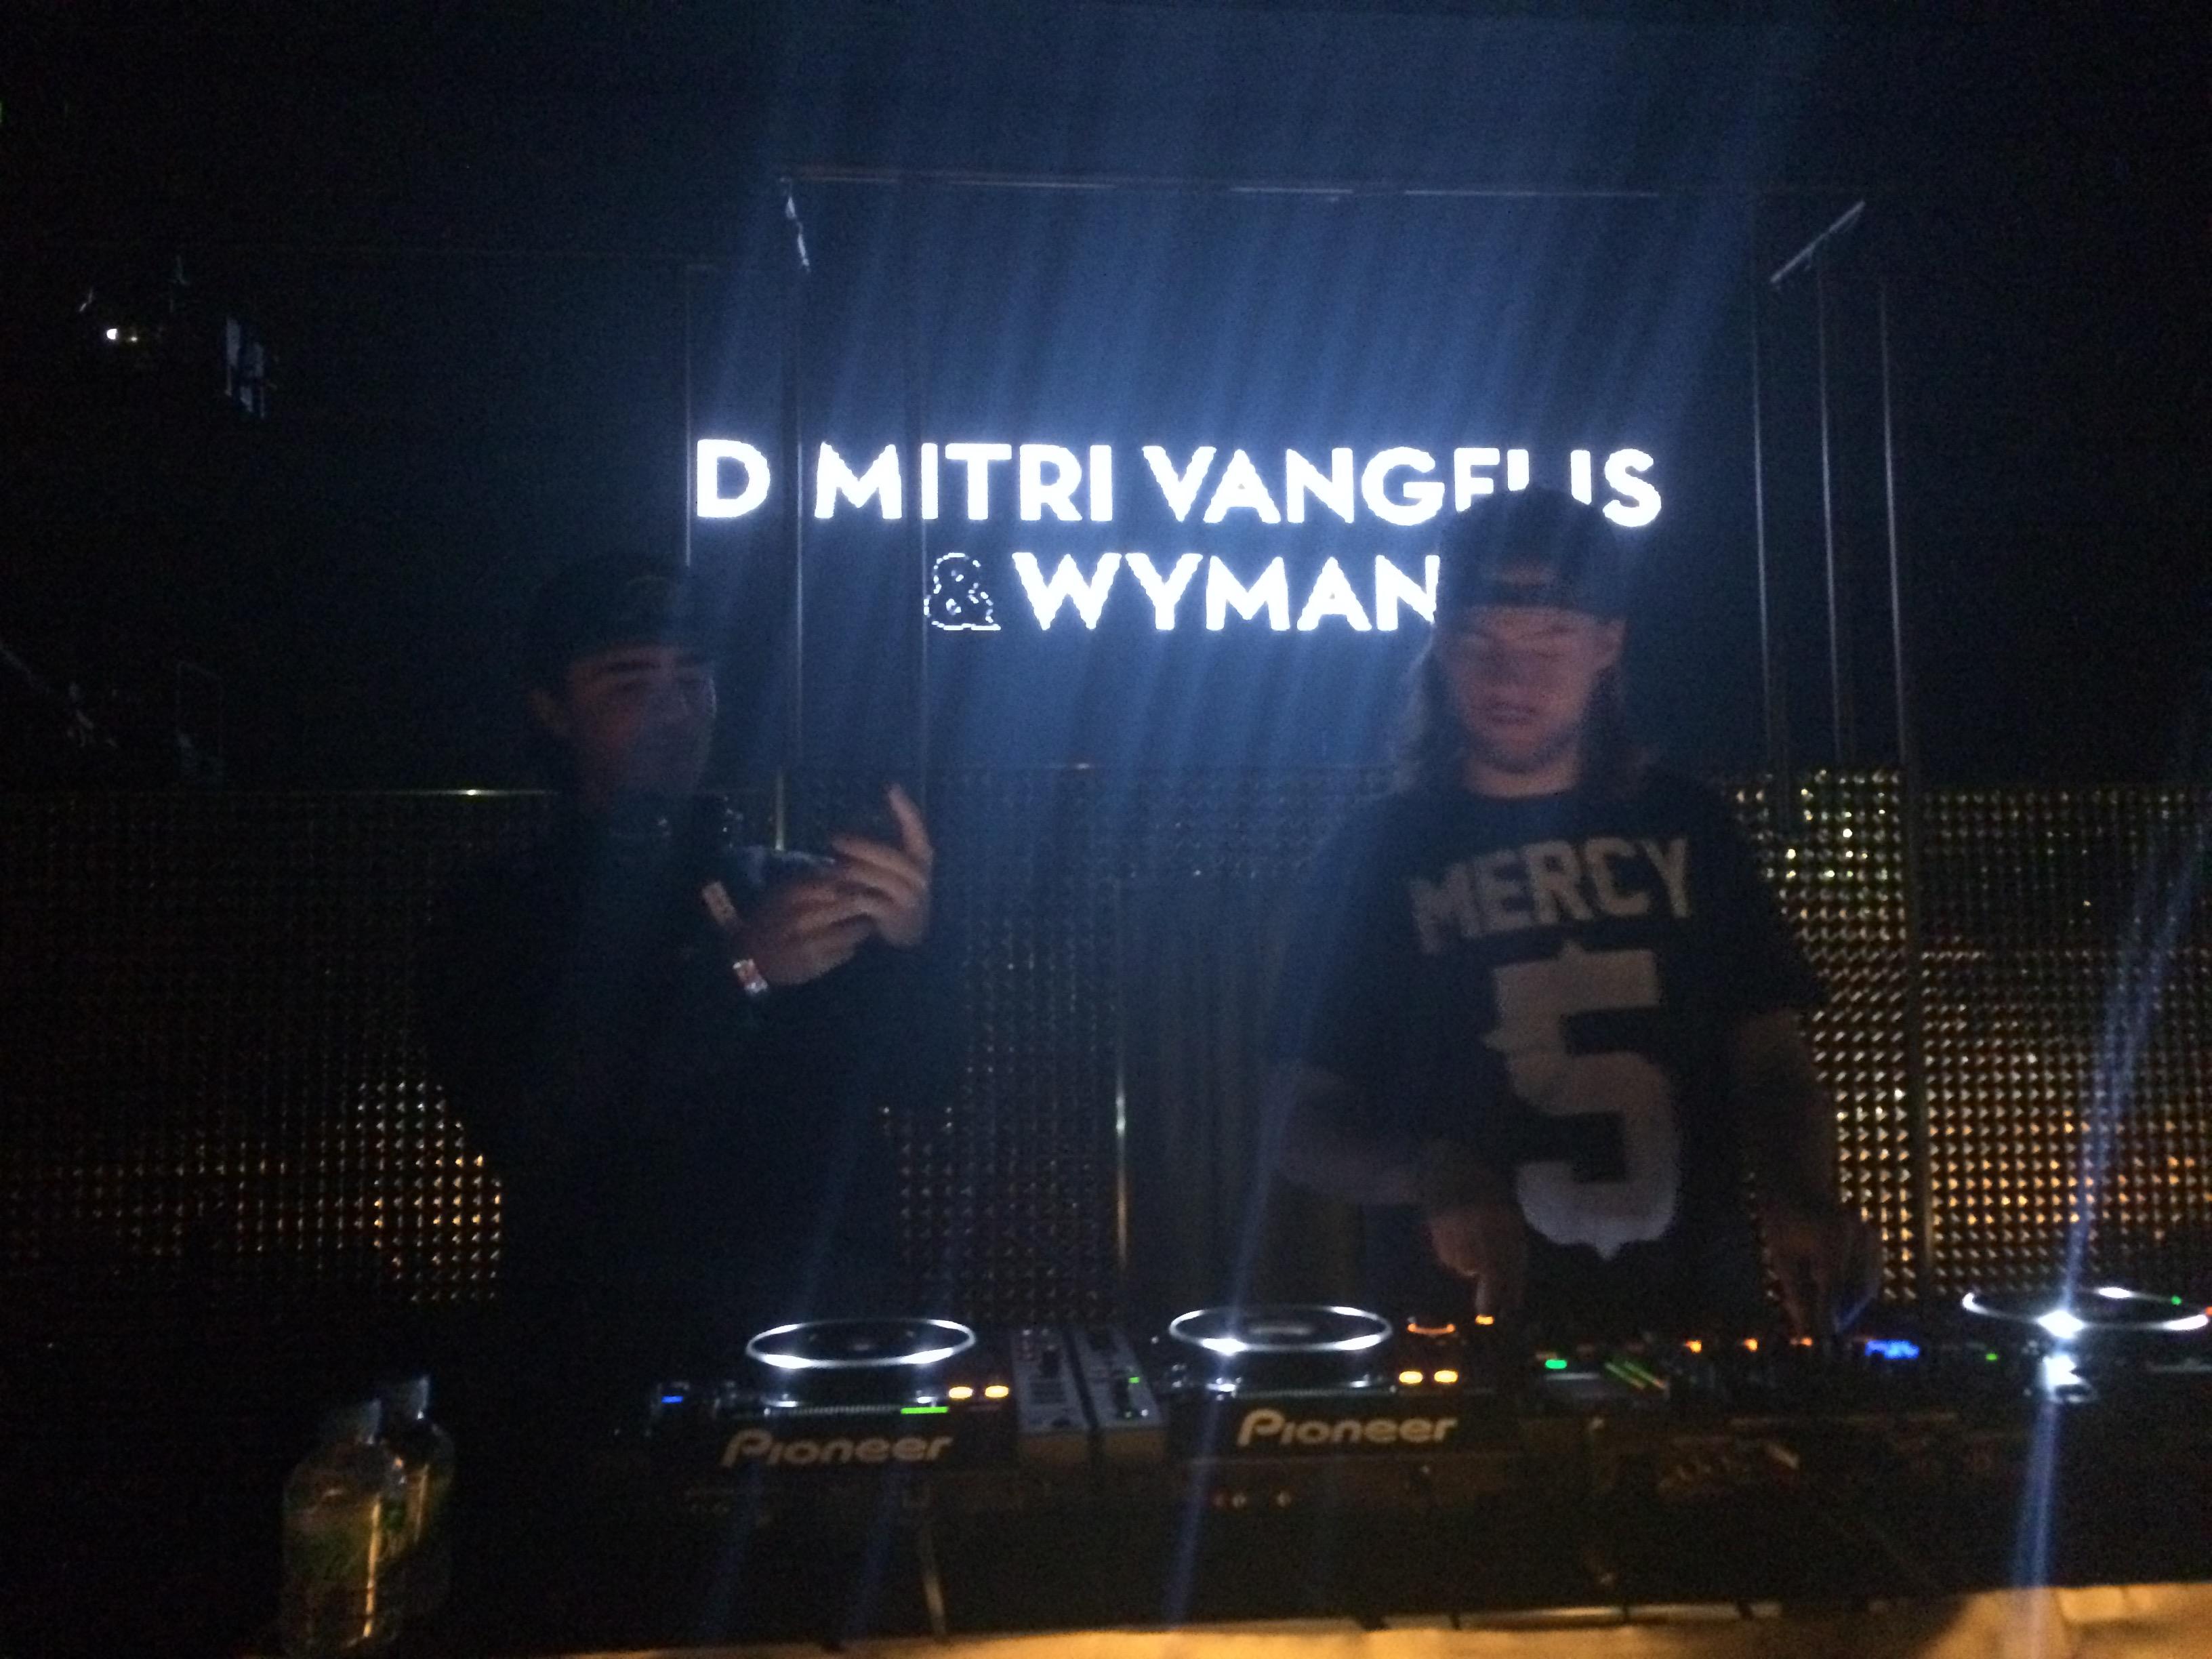 Dimitri Vangelis & Wyman 20150228